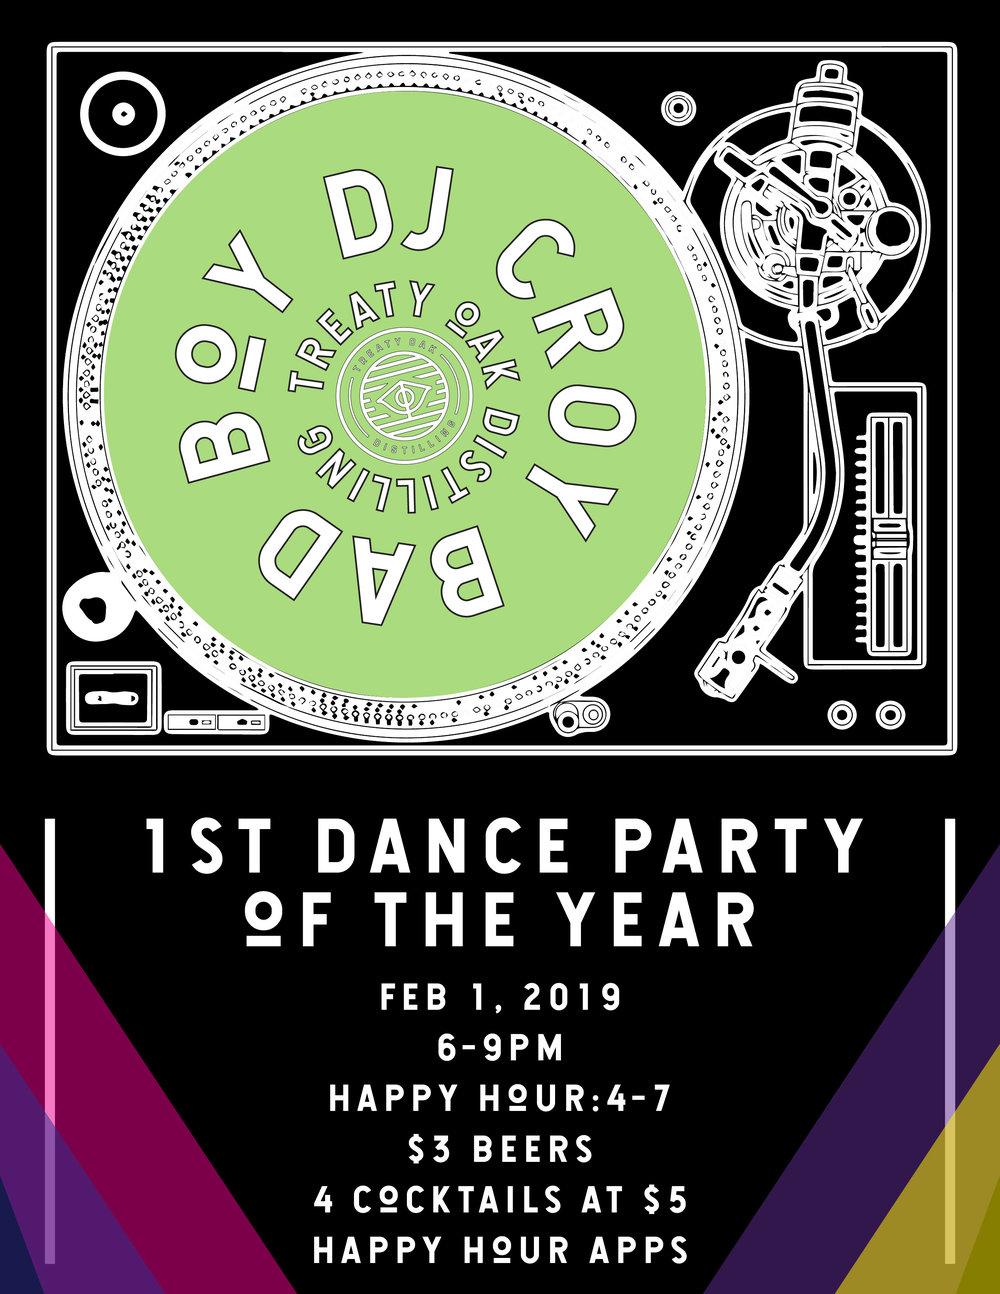 Bad Boy DJ Croy-02.jpg